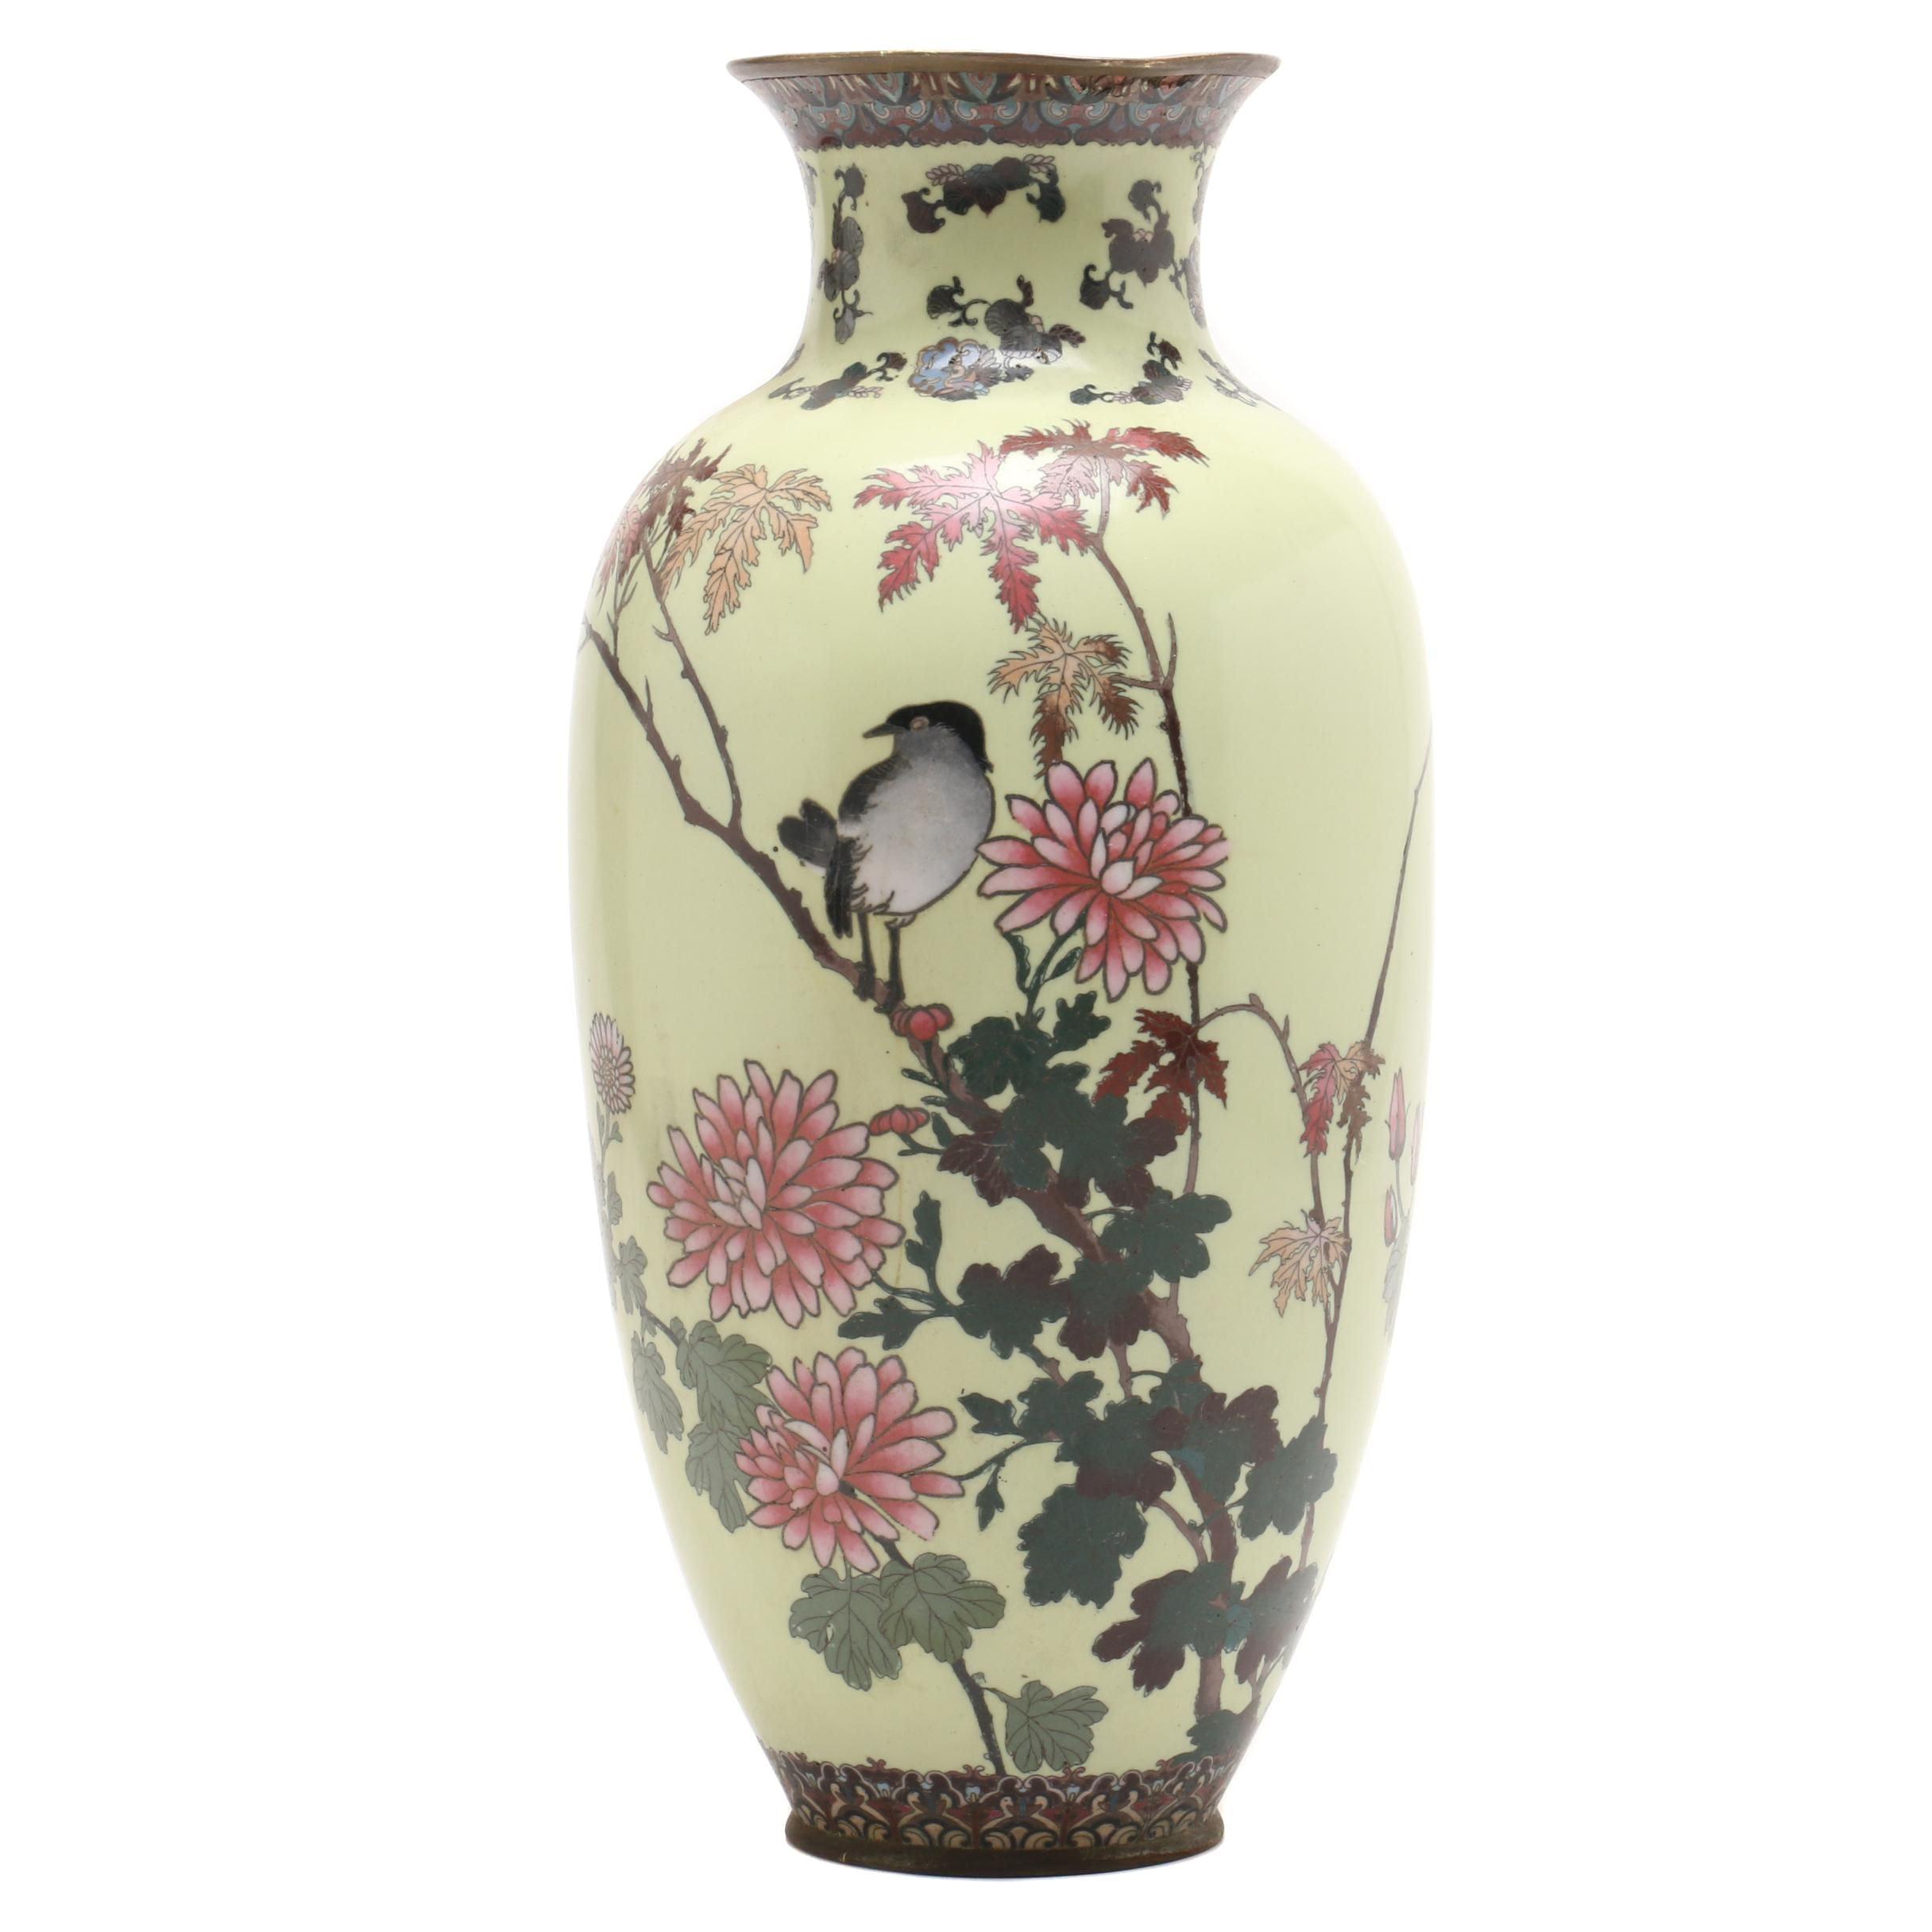 Japanese Cloisonné Vase, Meiji Period